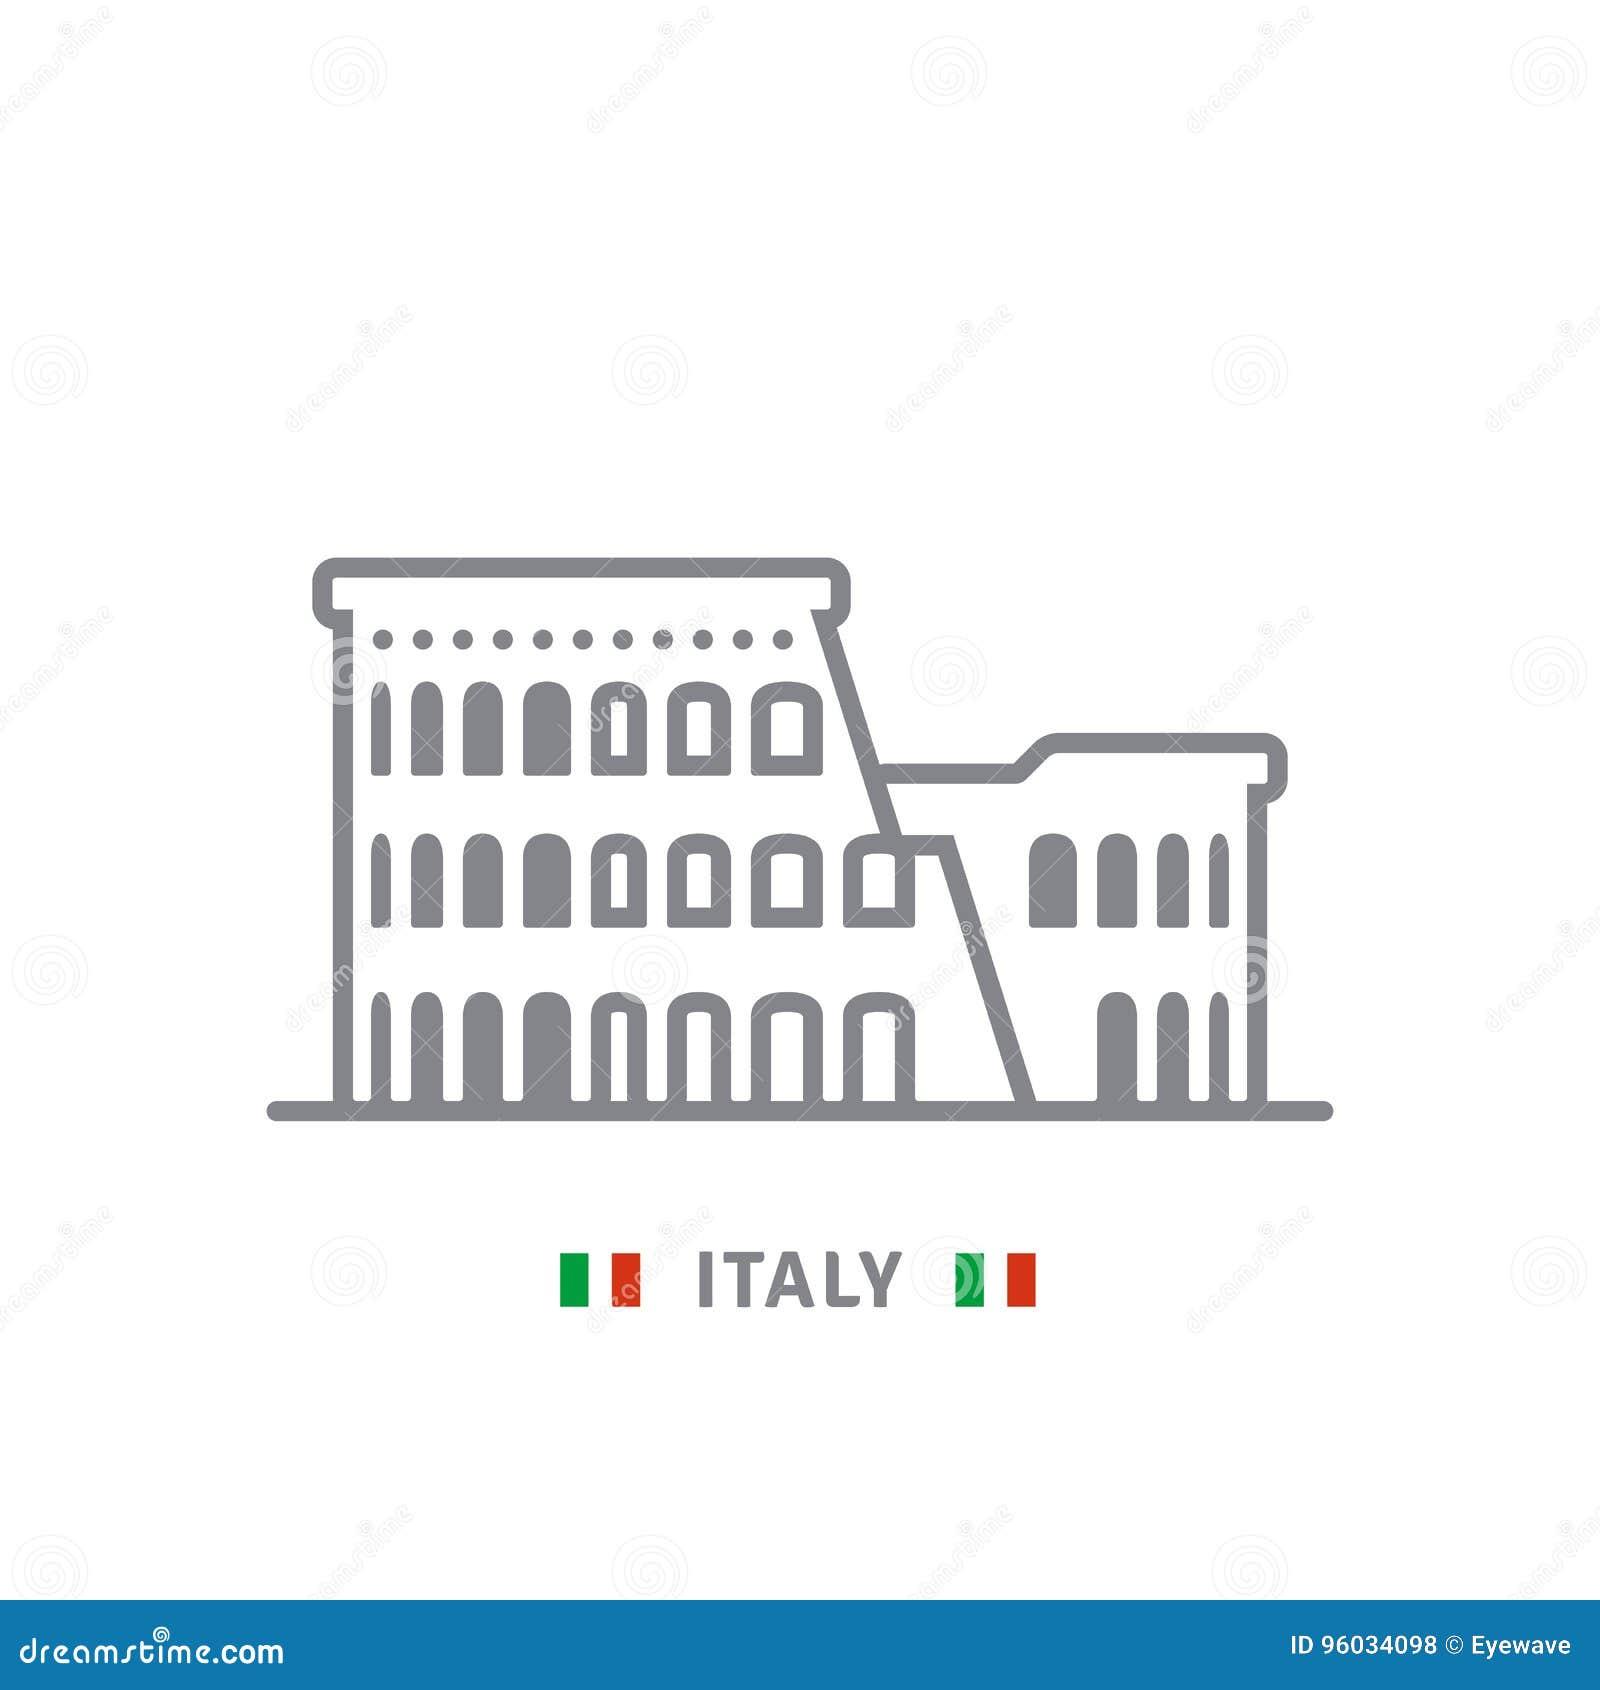 Włochy ikona z colosseum Rzym i włoch zaznaczamy